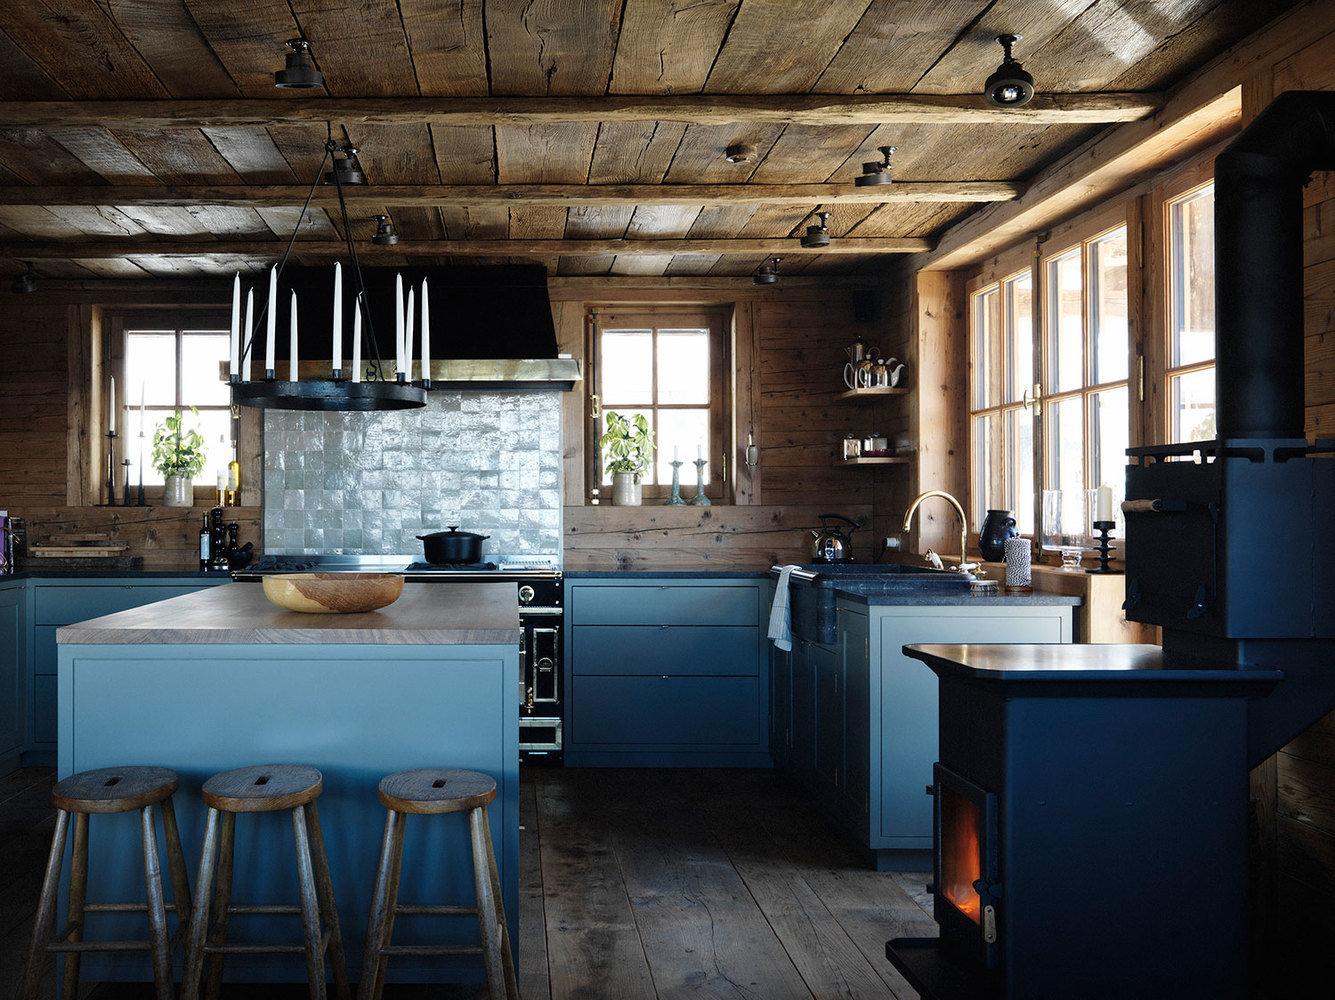 Голубая кухня в деревенском стиле